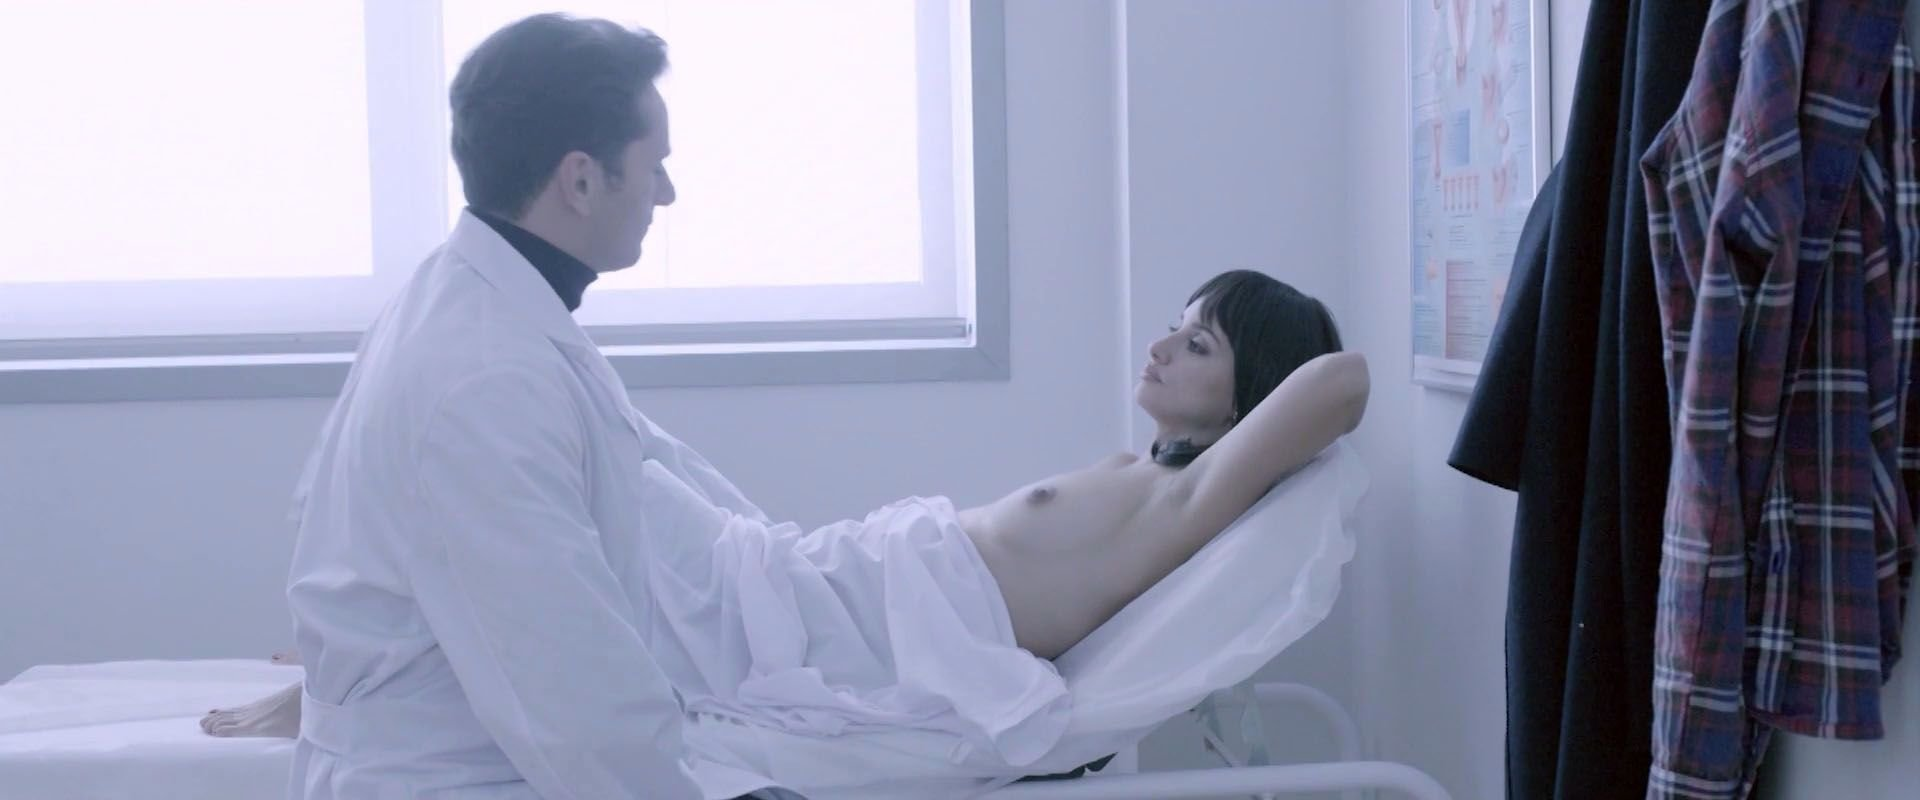 cruz movies Penelope naked